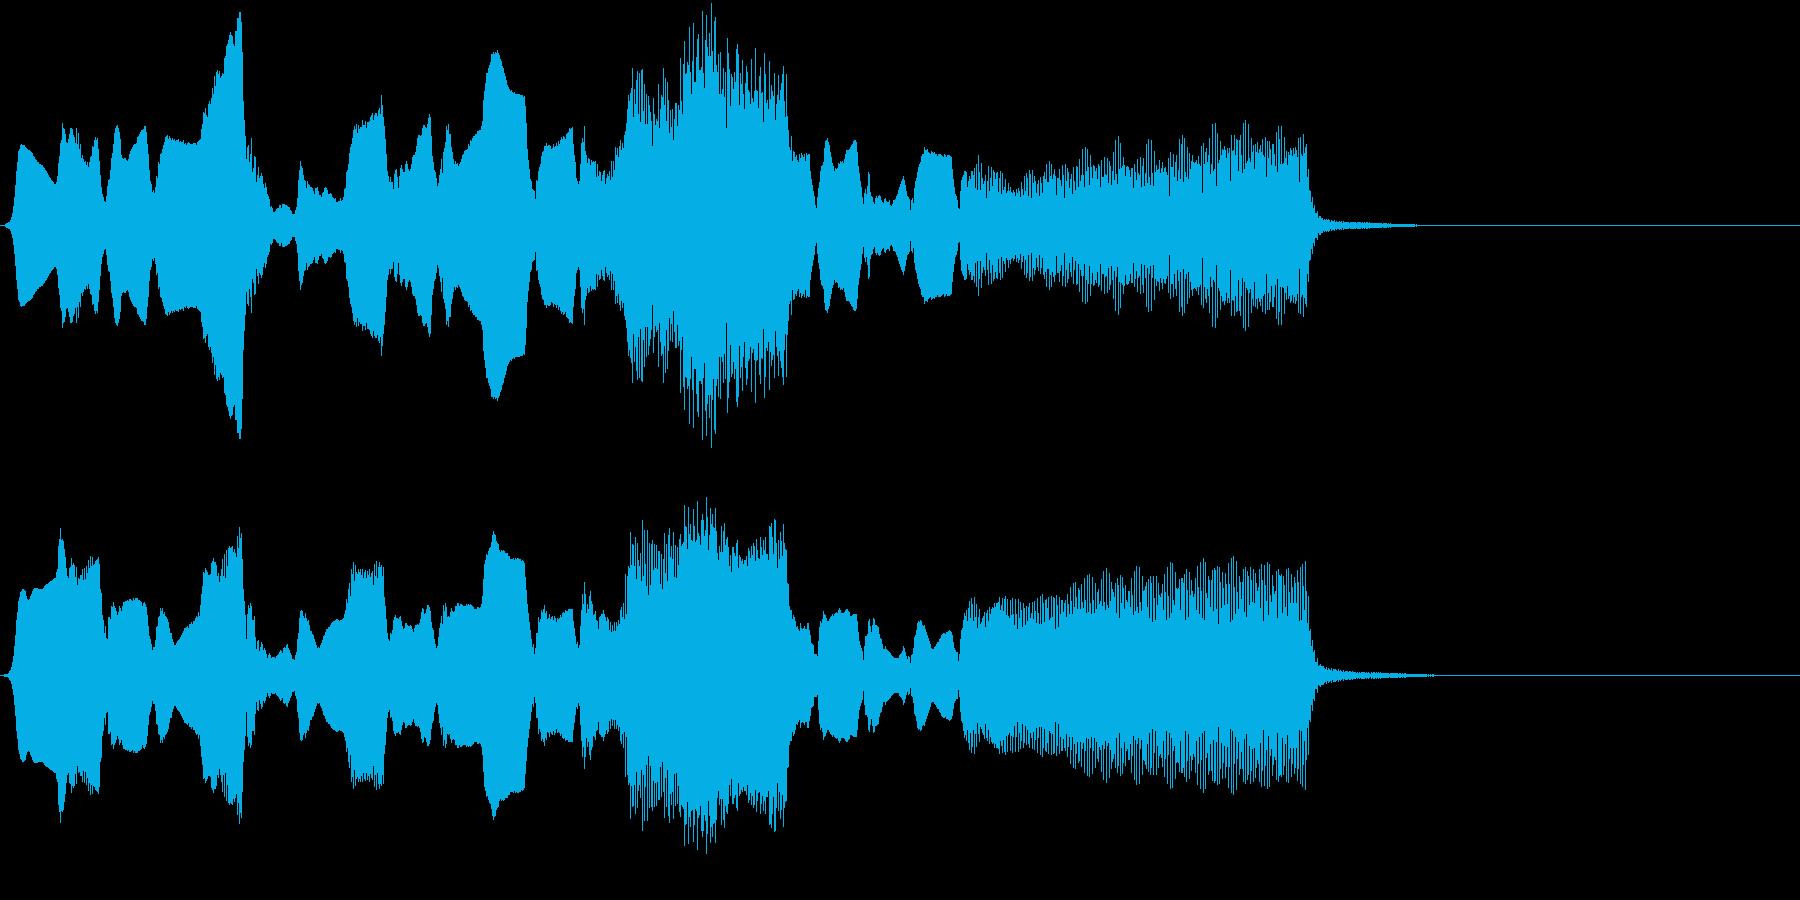 ほのぼのとした雰囲気の音の再生済みの波形